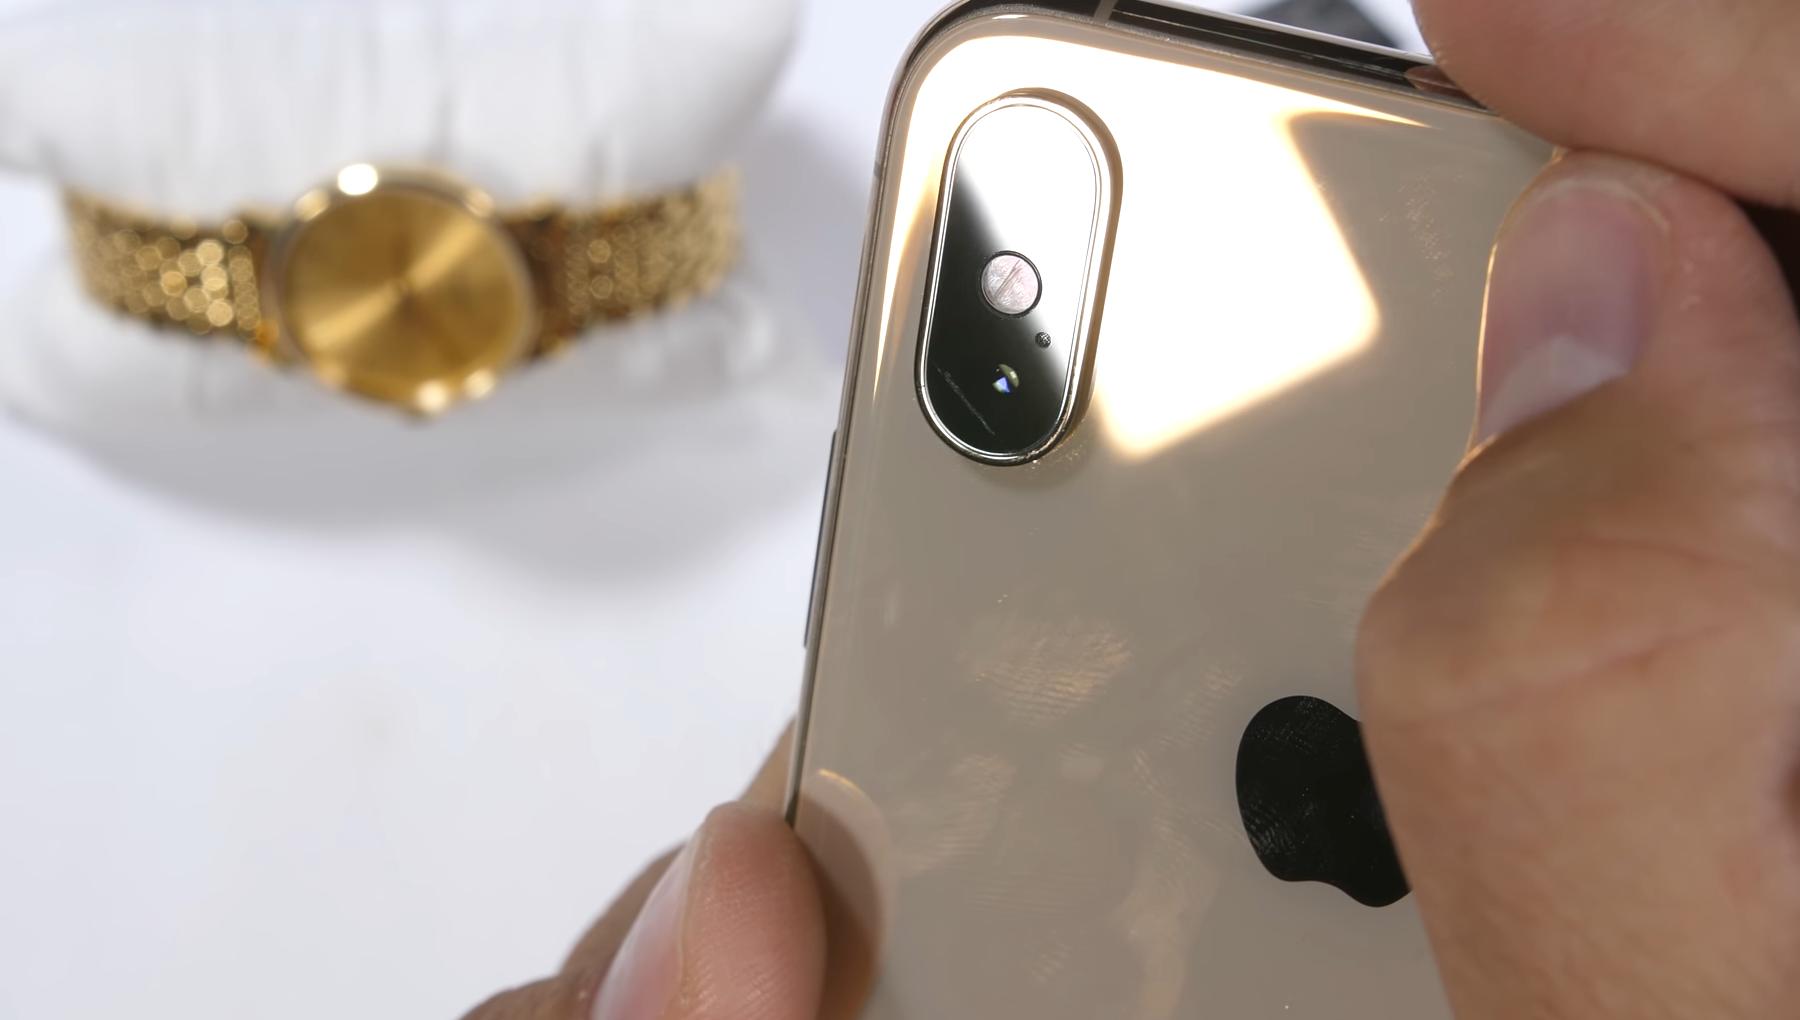 Камеры iPhone XS и XS Max трескаются так же, как и год назад - фото 1 | Сервисный центр Total Apple